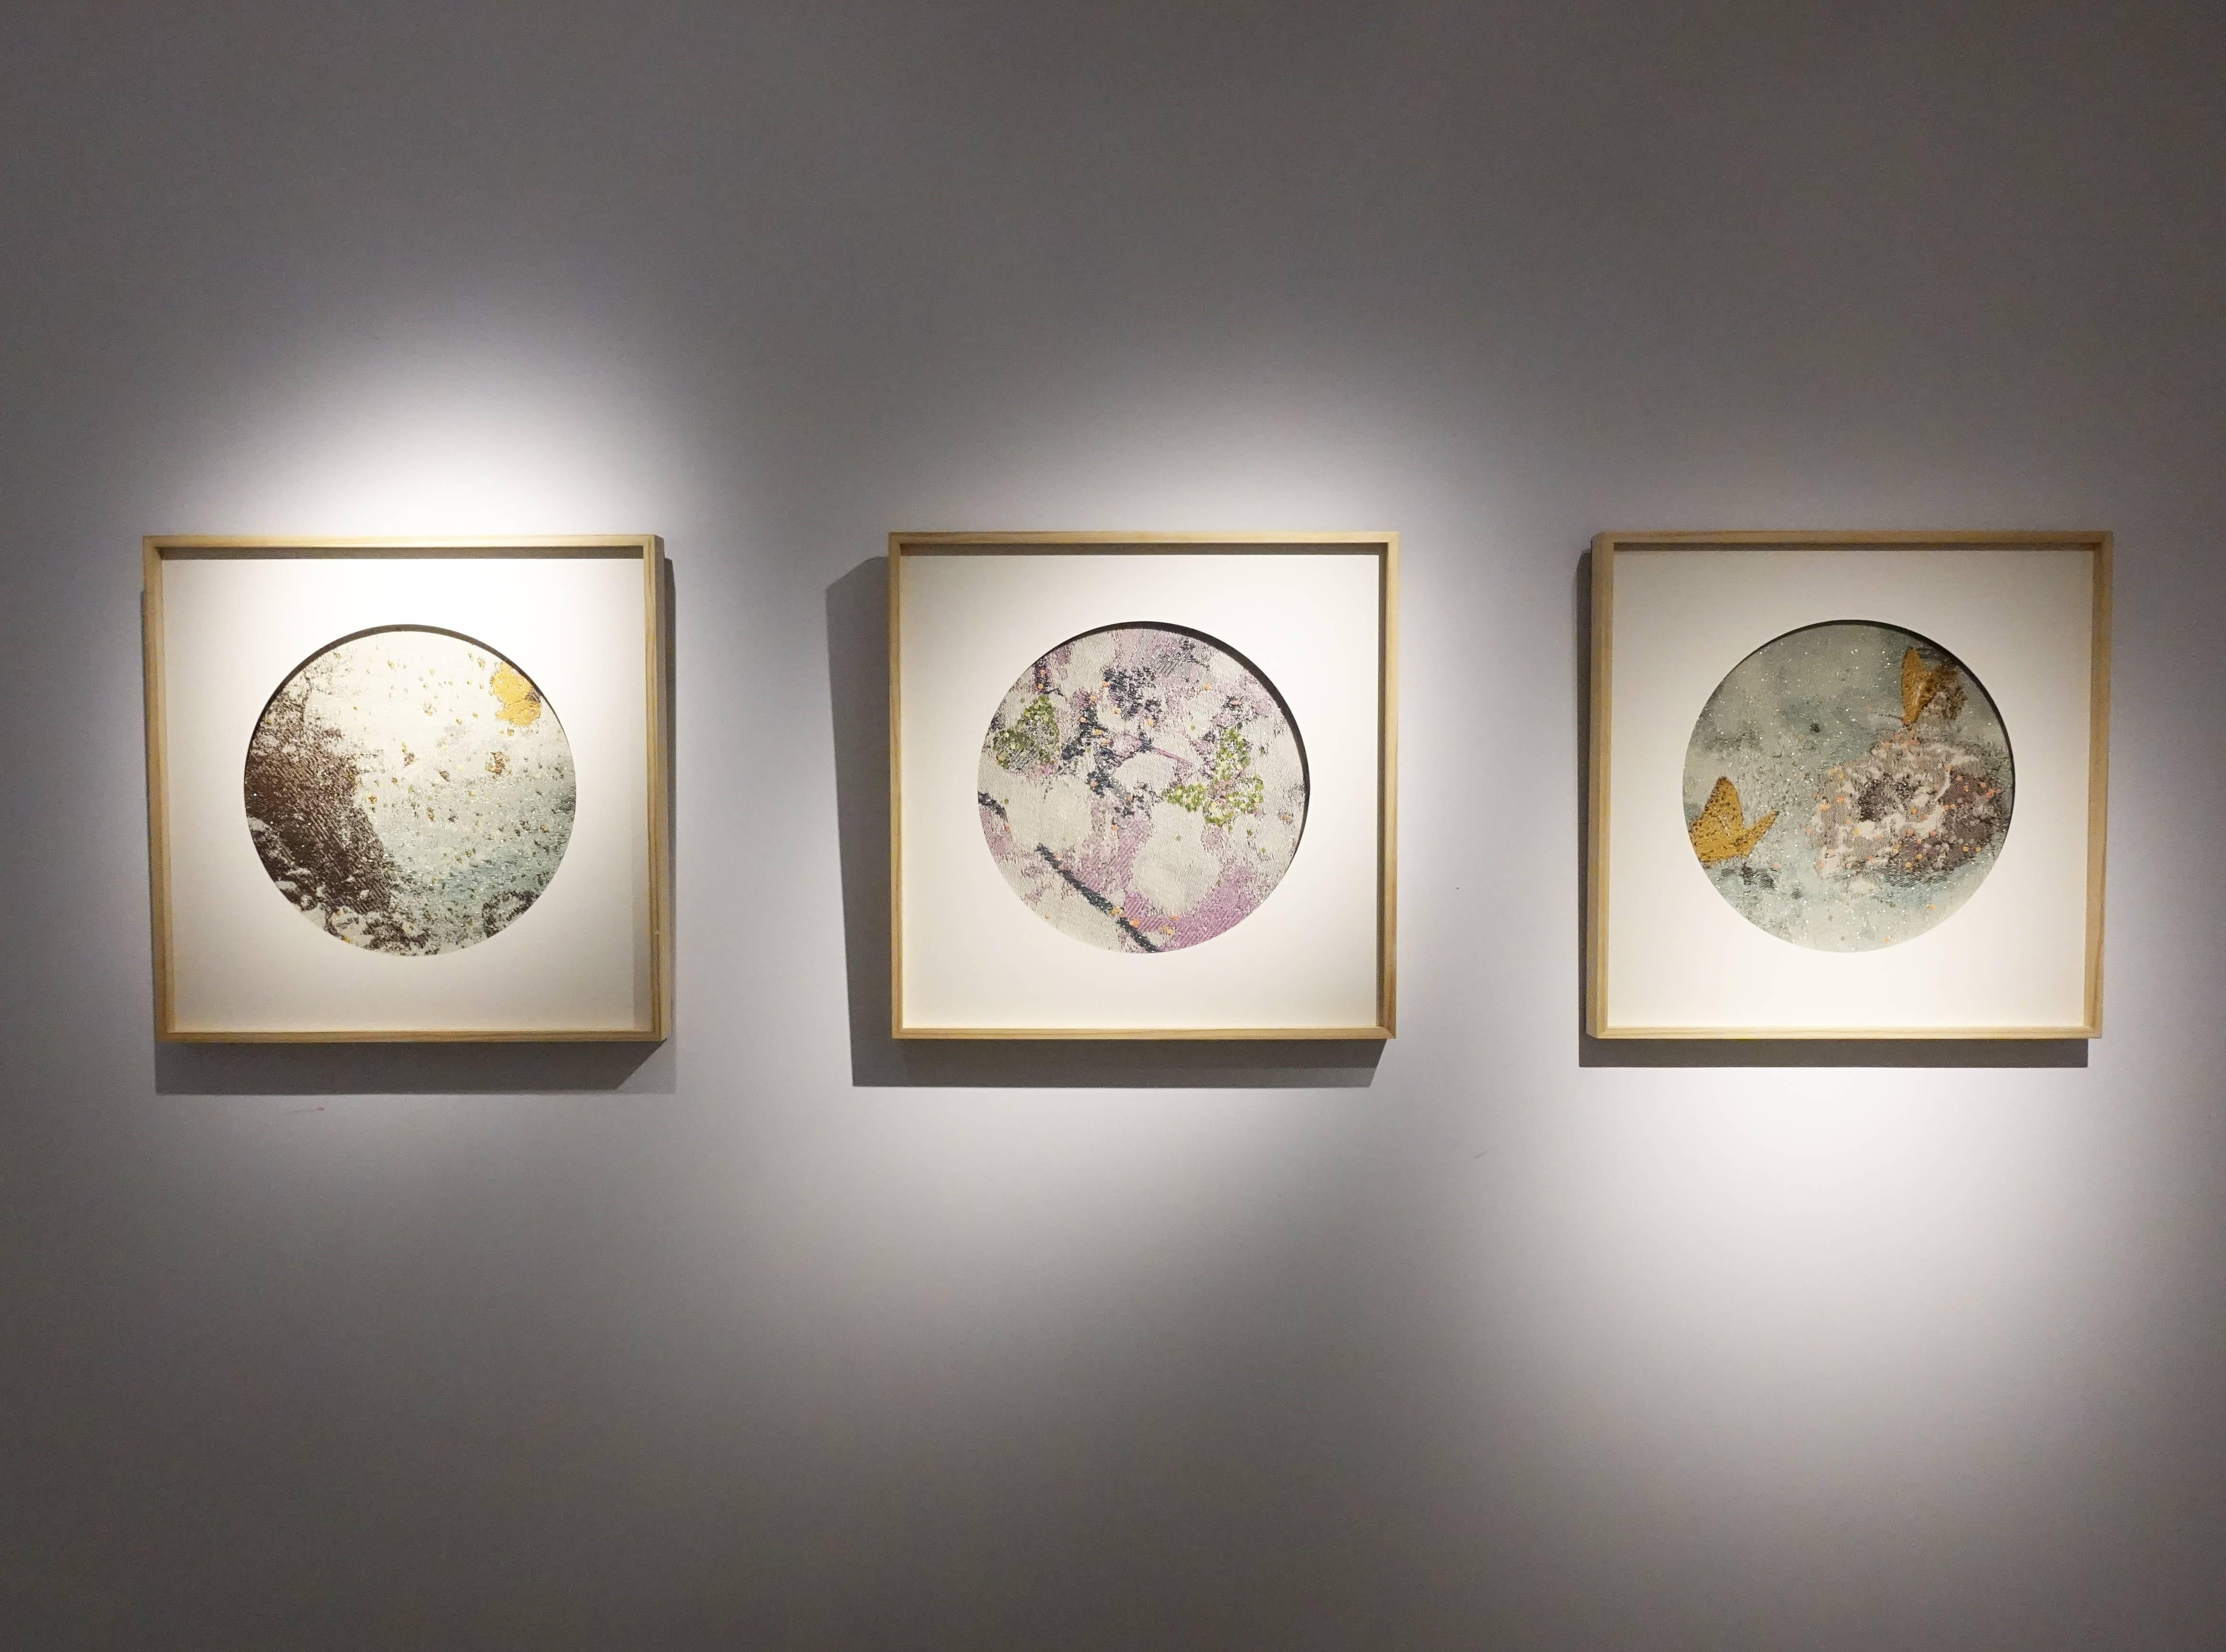 李偵綾《解舞》《尋花》《縈紆》作品 (由左至右)。